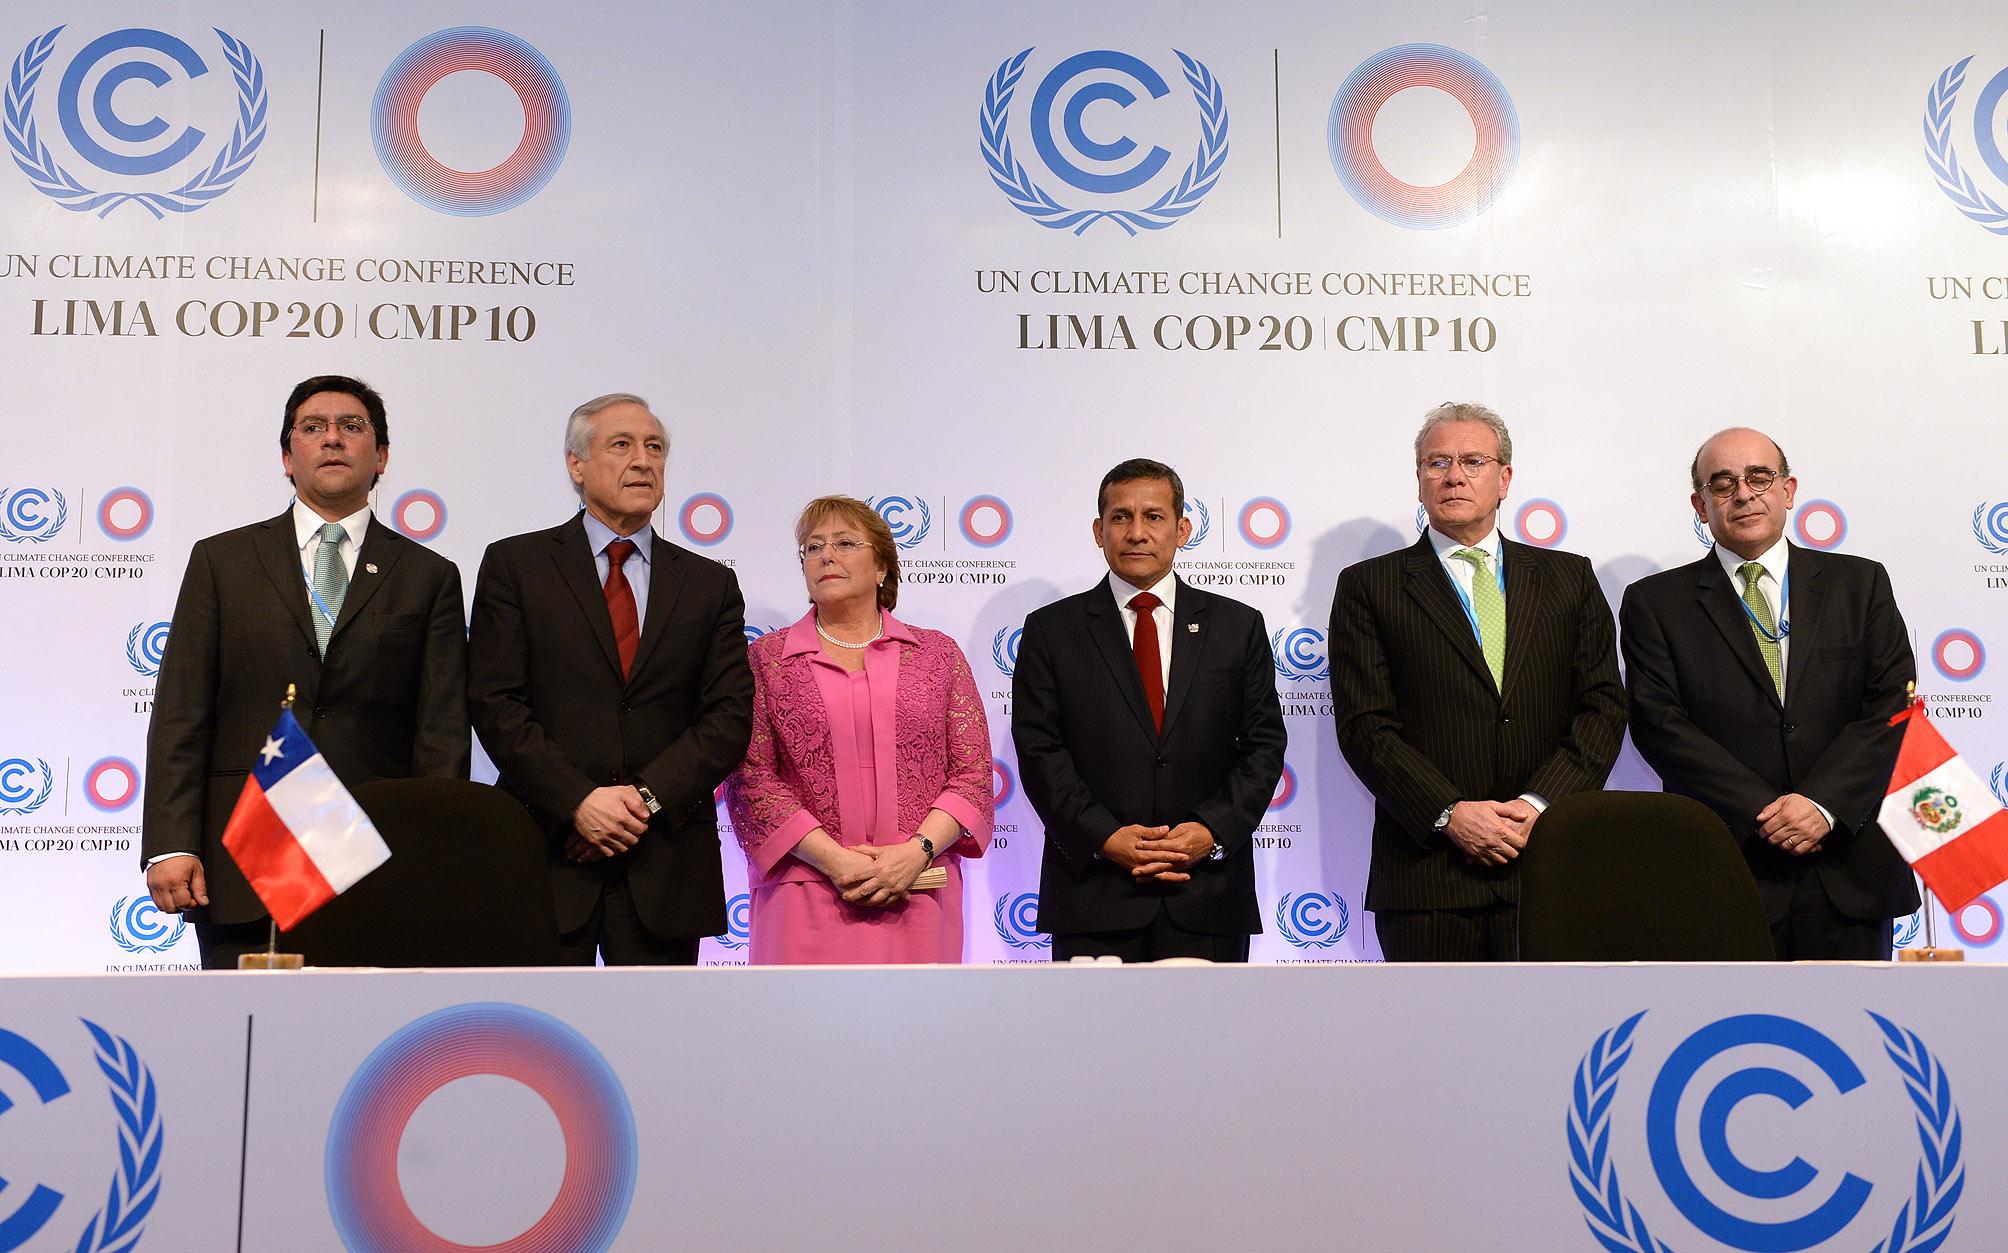 """COP20, Bachelet: """"Nuestra región juega un papel decisivo en la transición hacia un nuevo paradigma de sostenibilidad"""""""